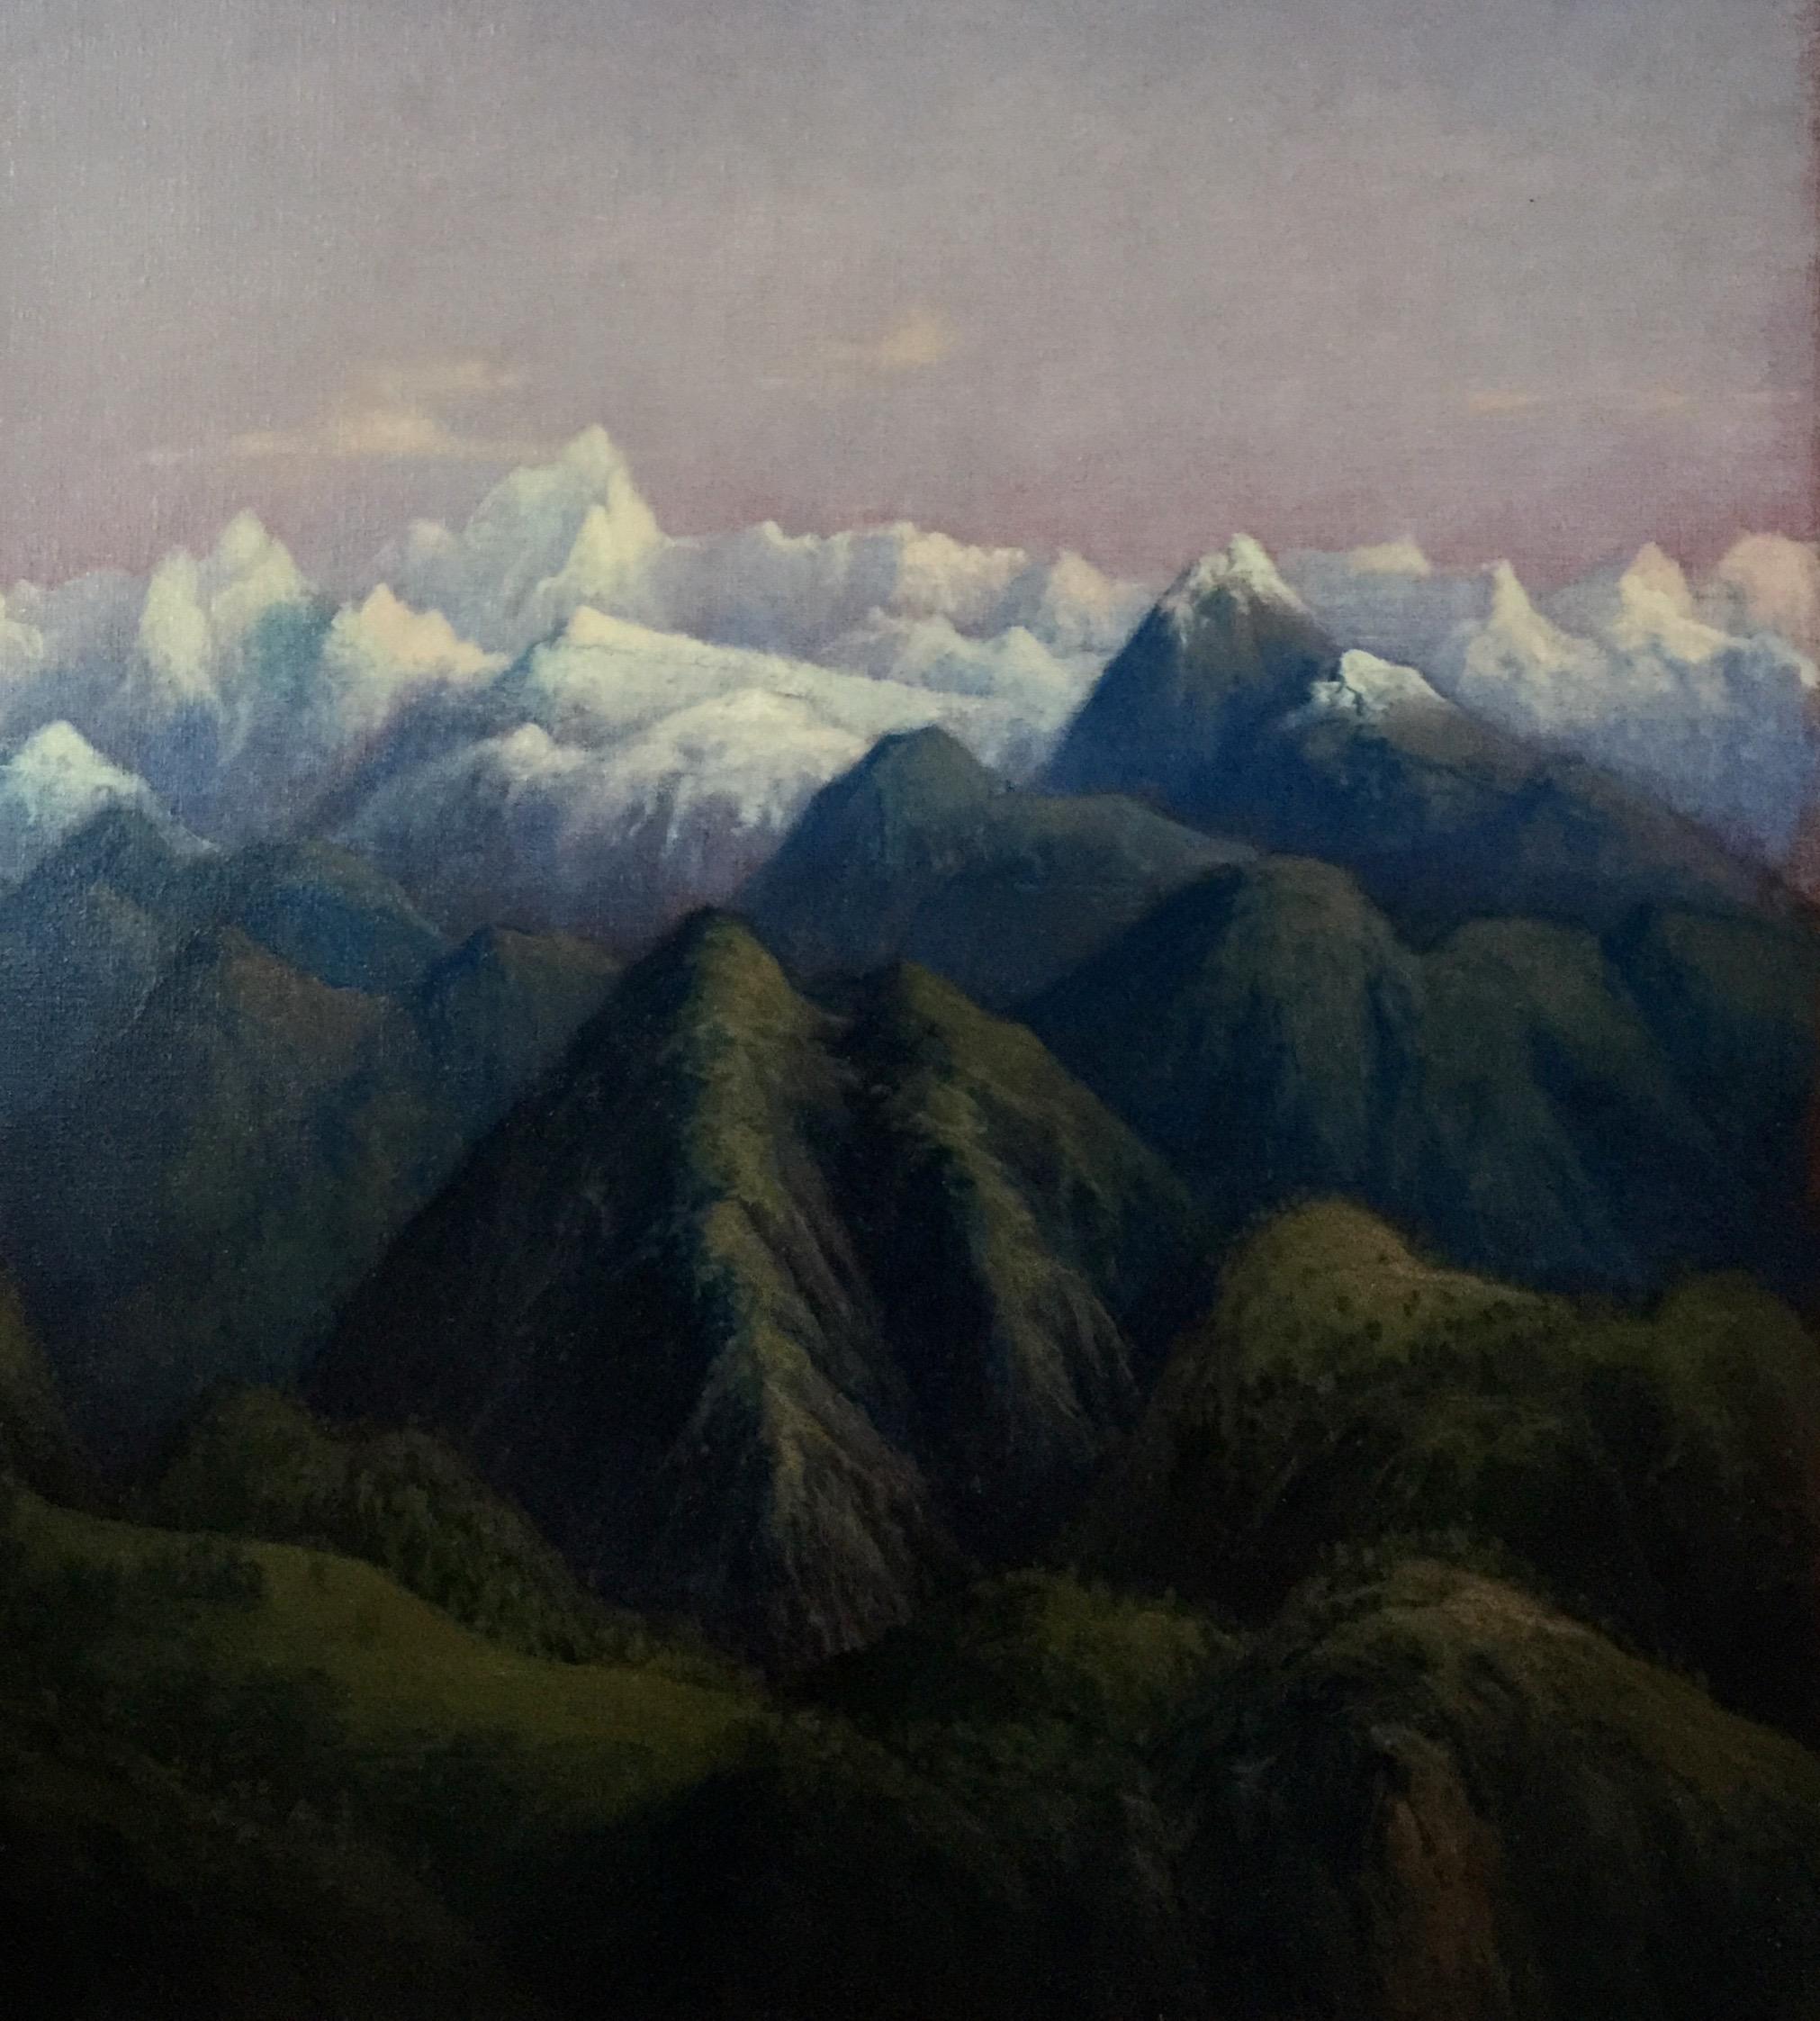 Tobit Roche: Himalayan Landscape No.5